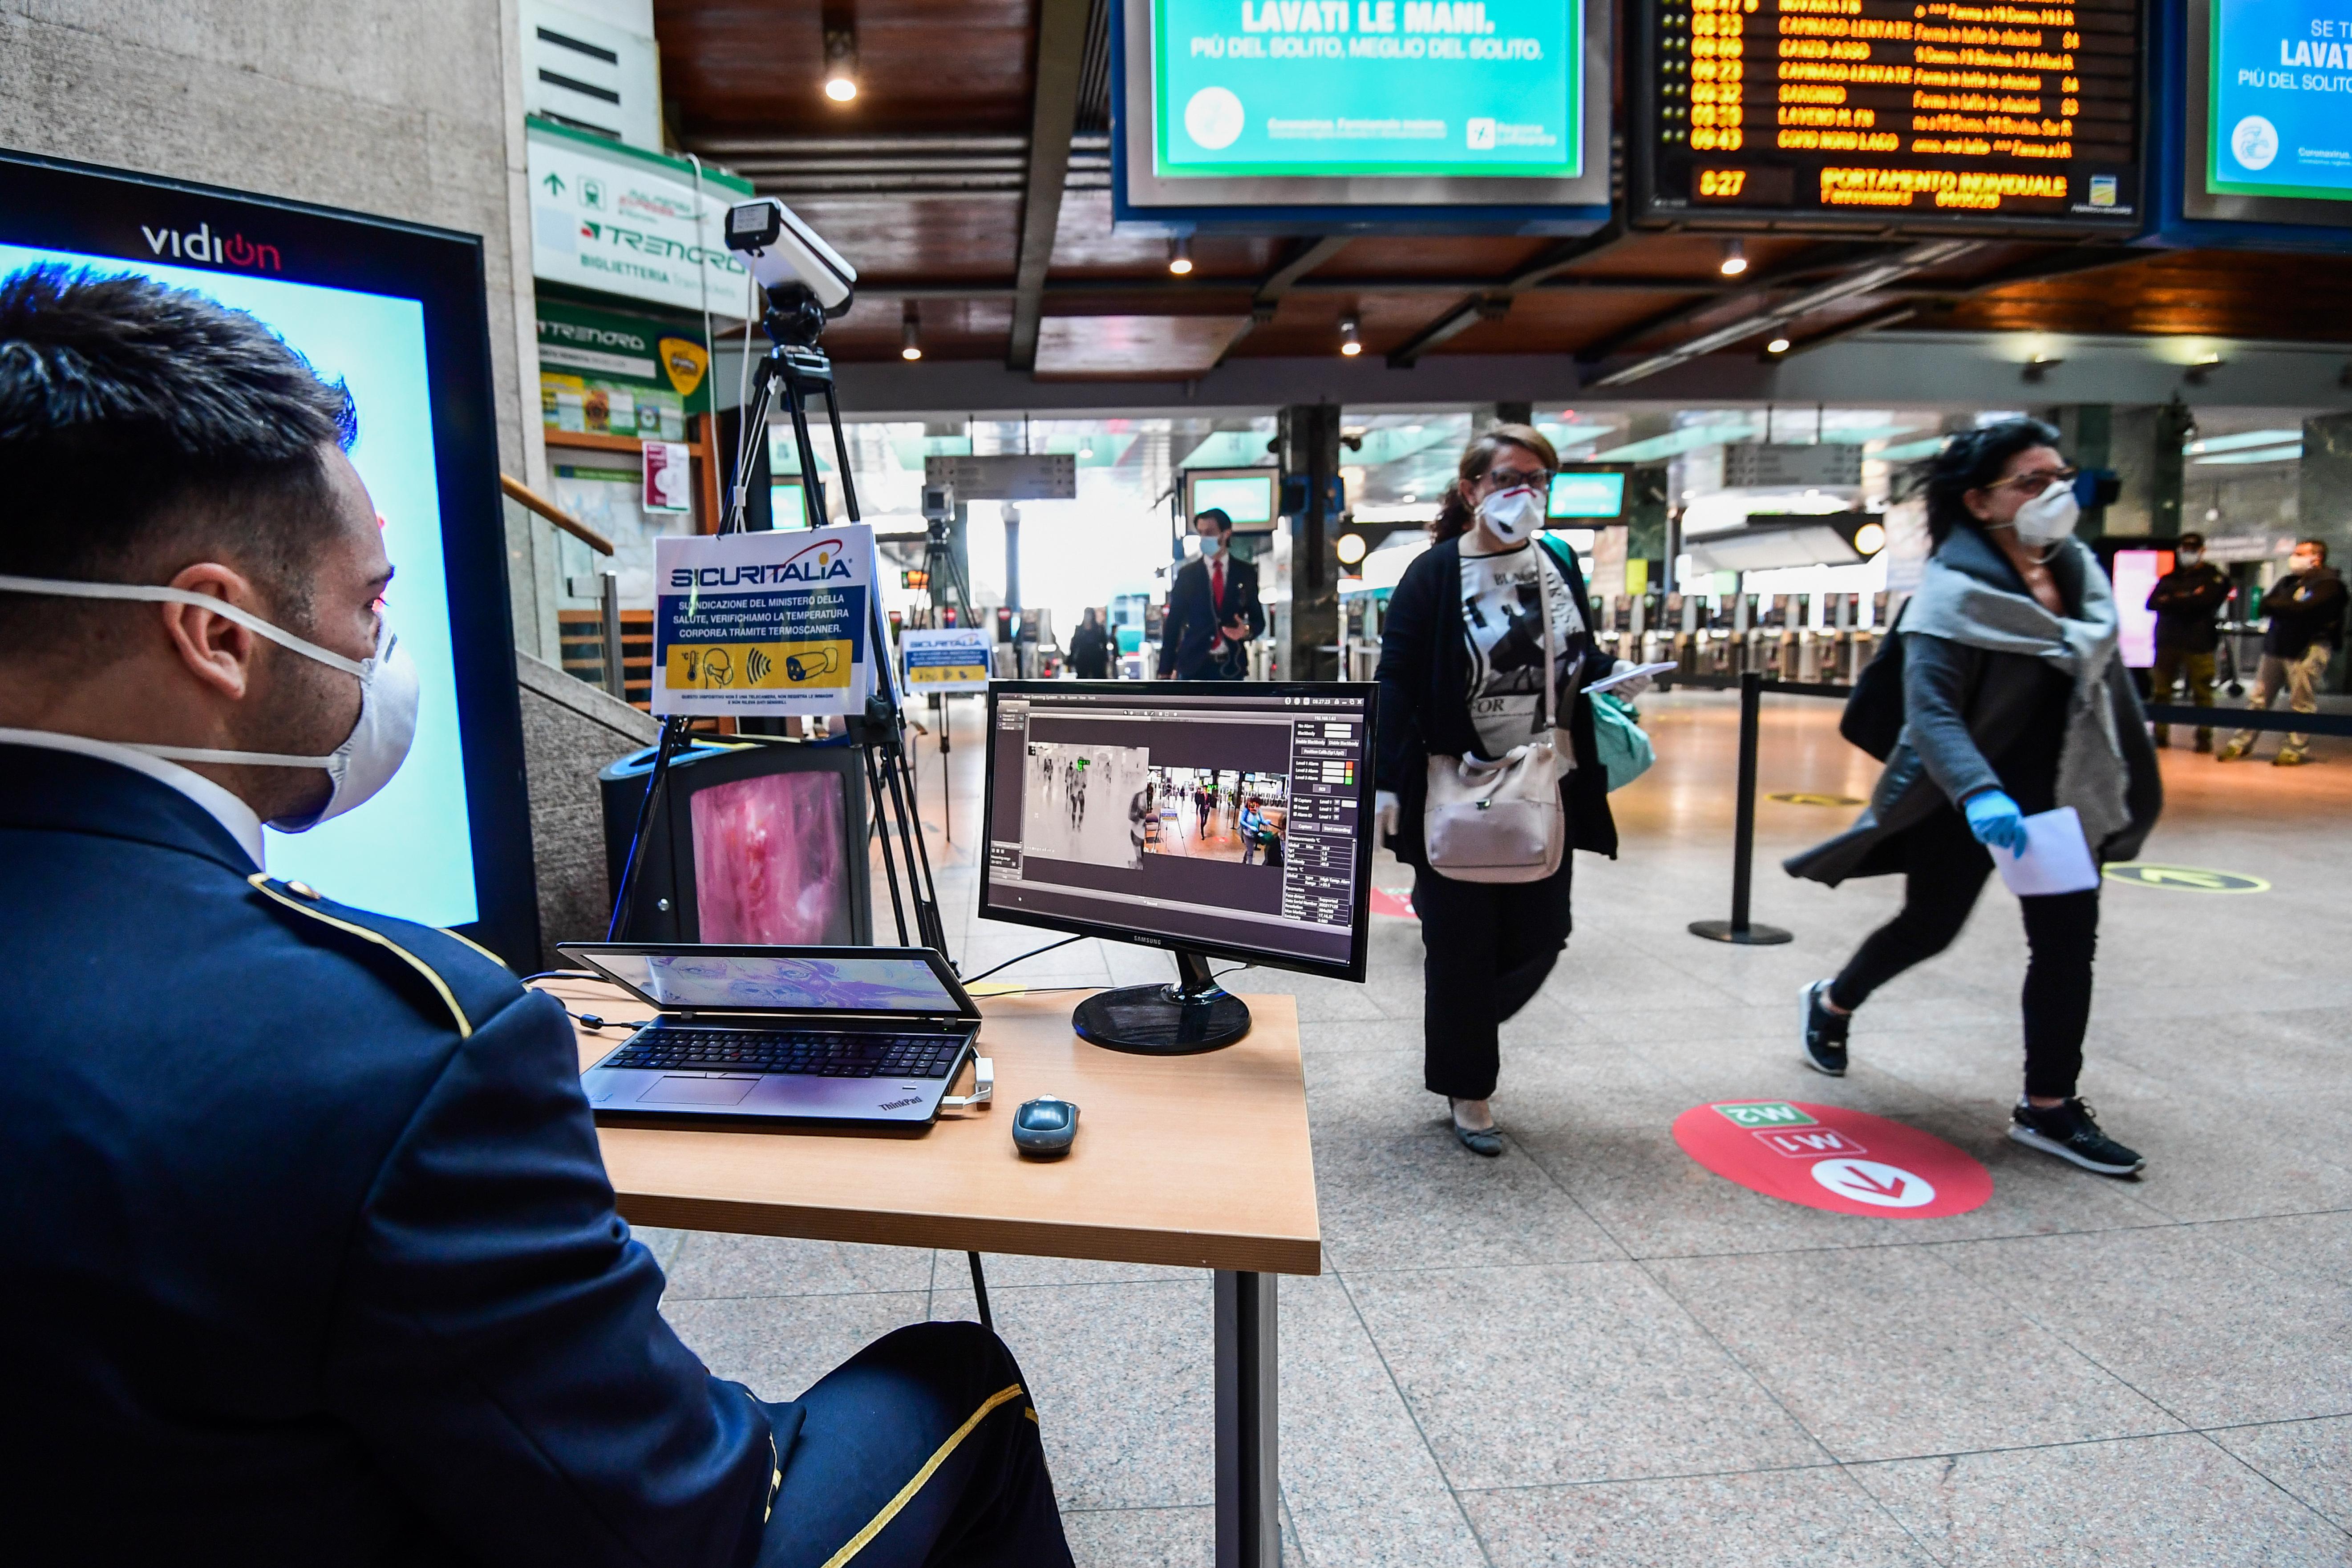 كاميران حرارية تفحص درجة حرارة جسم المسافرين عند العبور أمامها في ميلان بإيطاليا- 4 مايو 2020